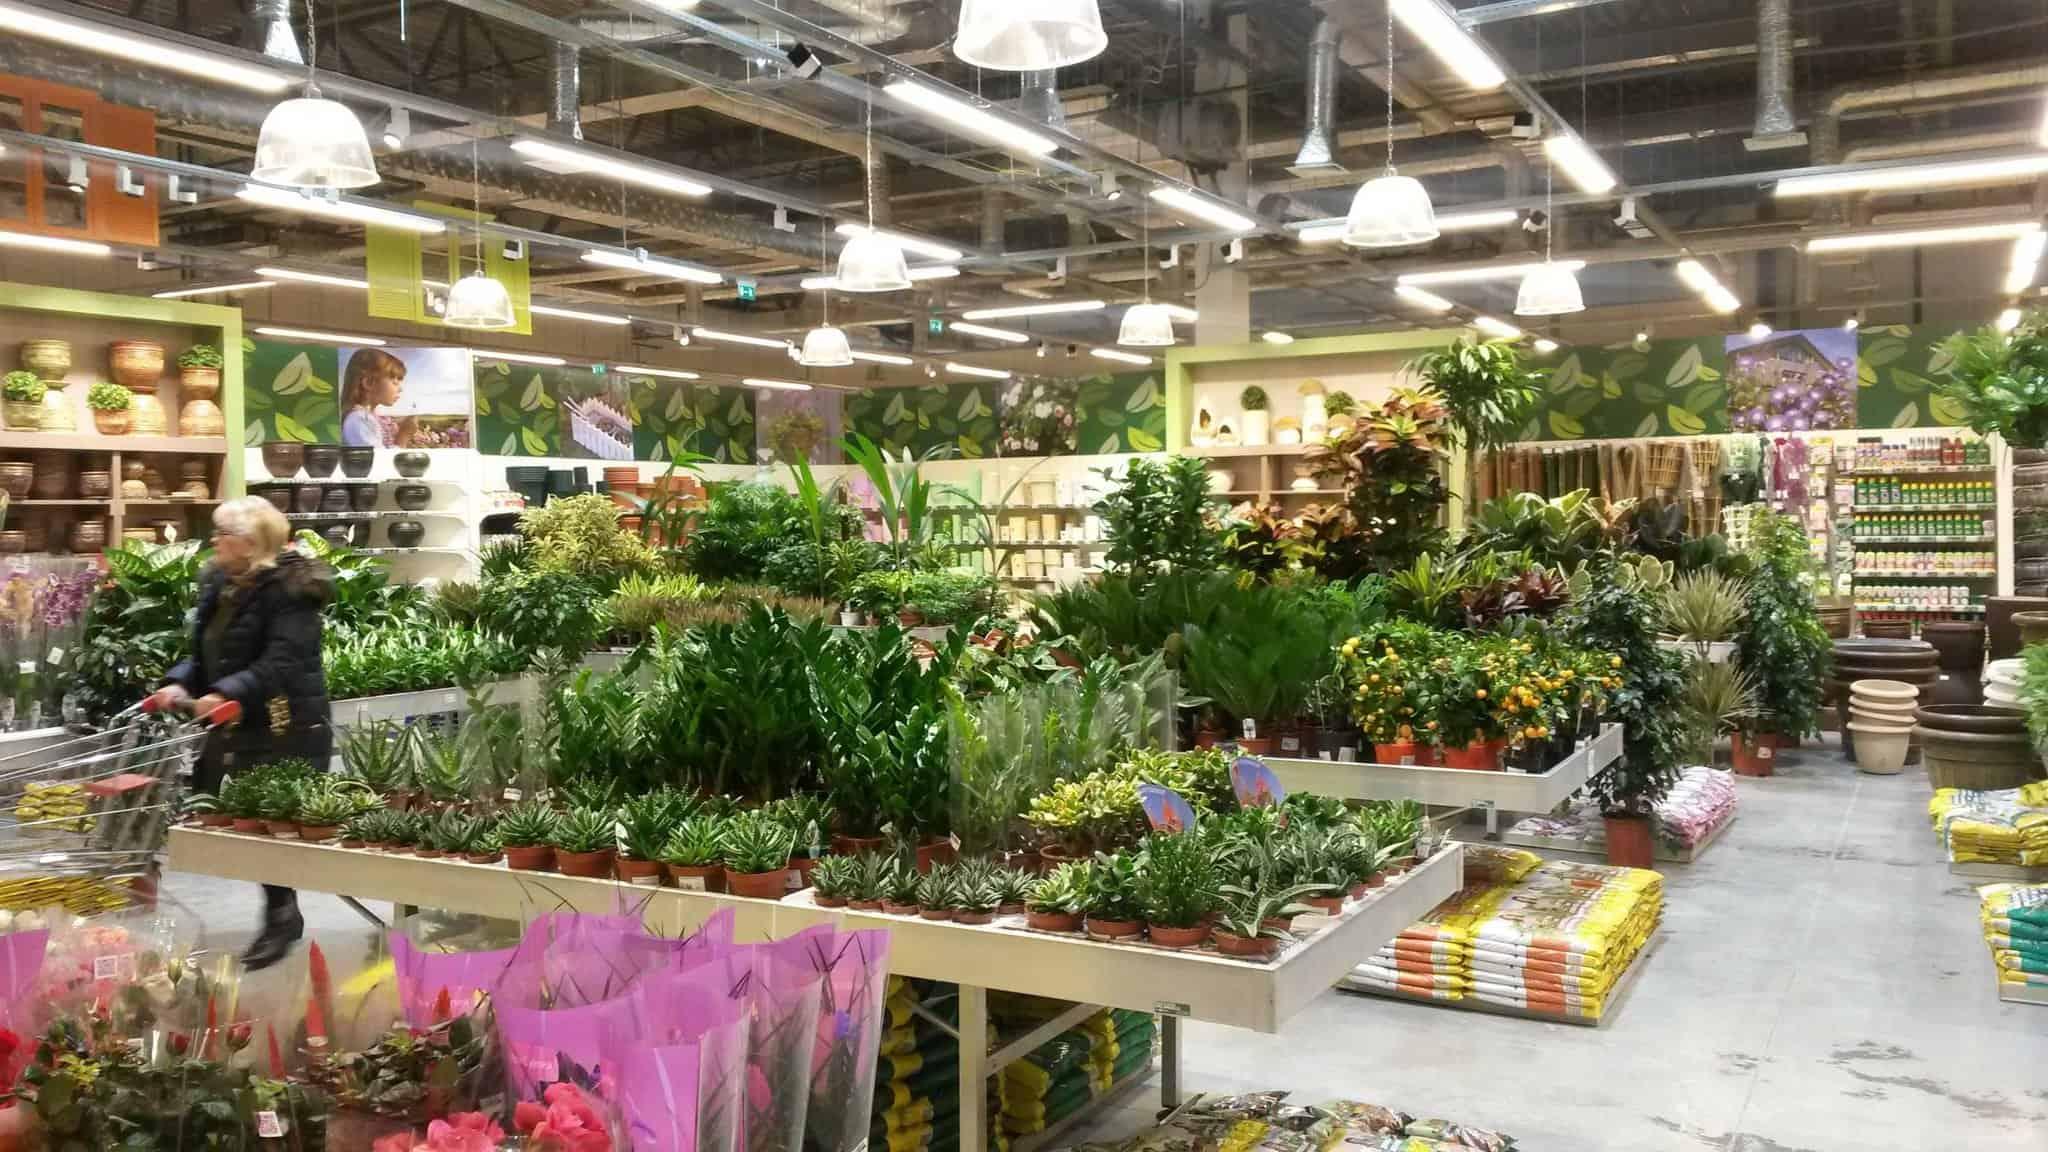 Магазин растений дарвин на симферопольском шоссе, цветов флорид-хата где